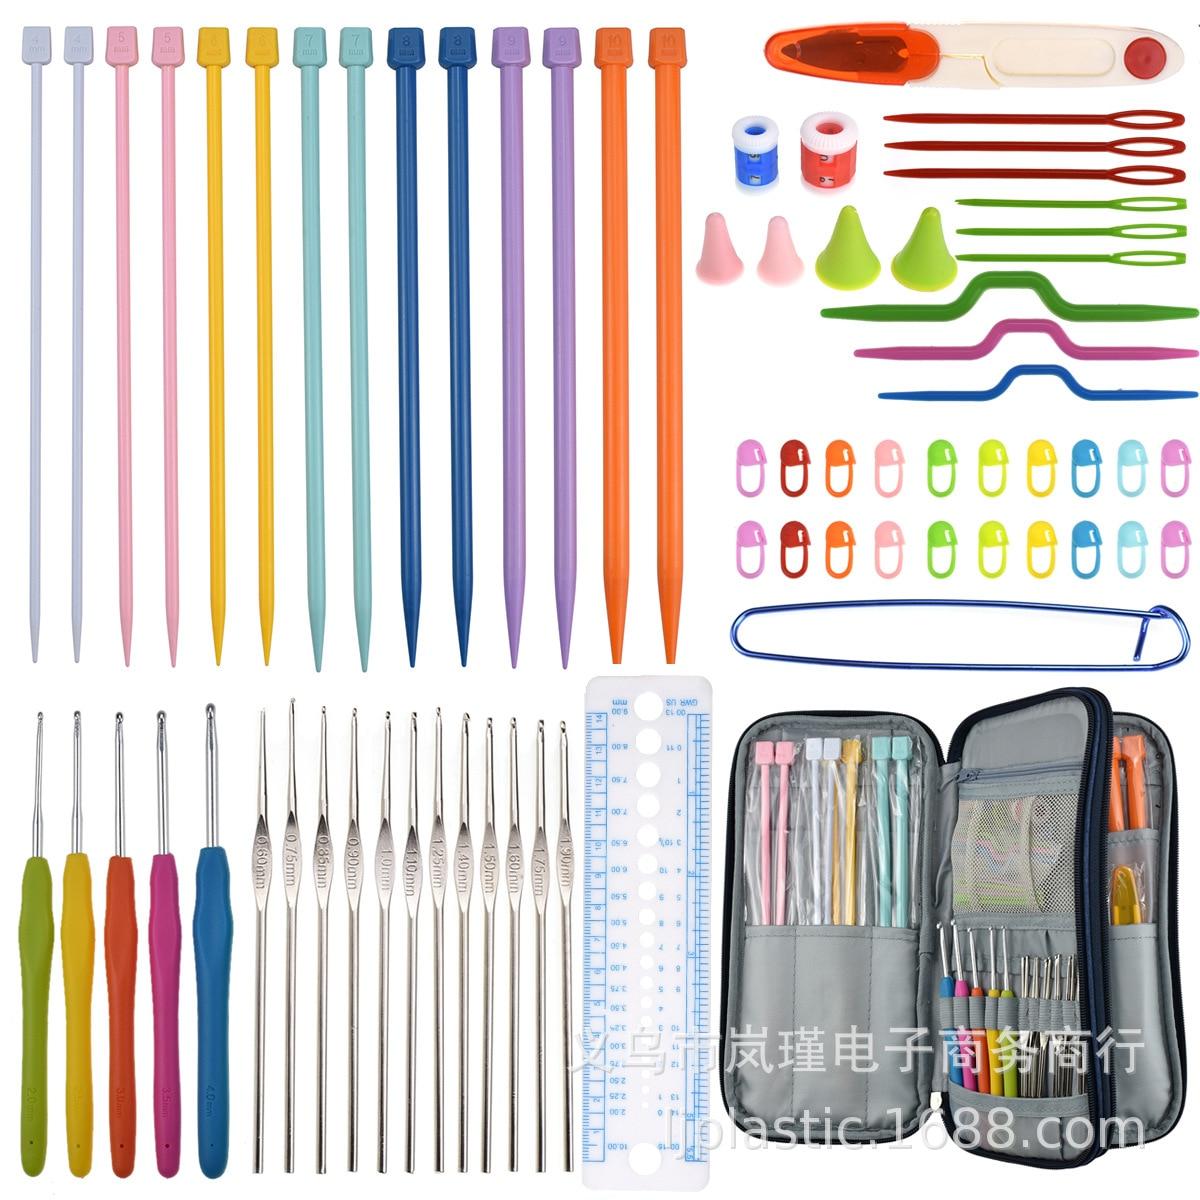 Lan Jin Wish инструмент для плетения, новые продукты, 31 набор крючков для вязания крючком, прямые продажи от производителя, в настоящее время дост...